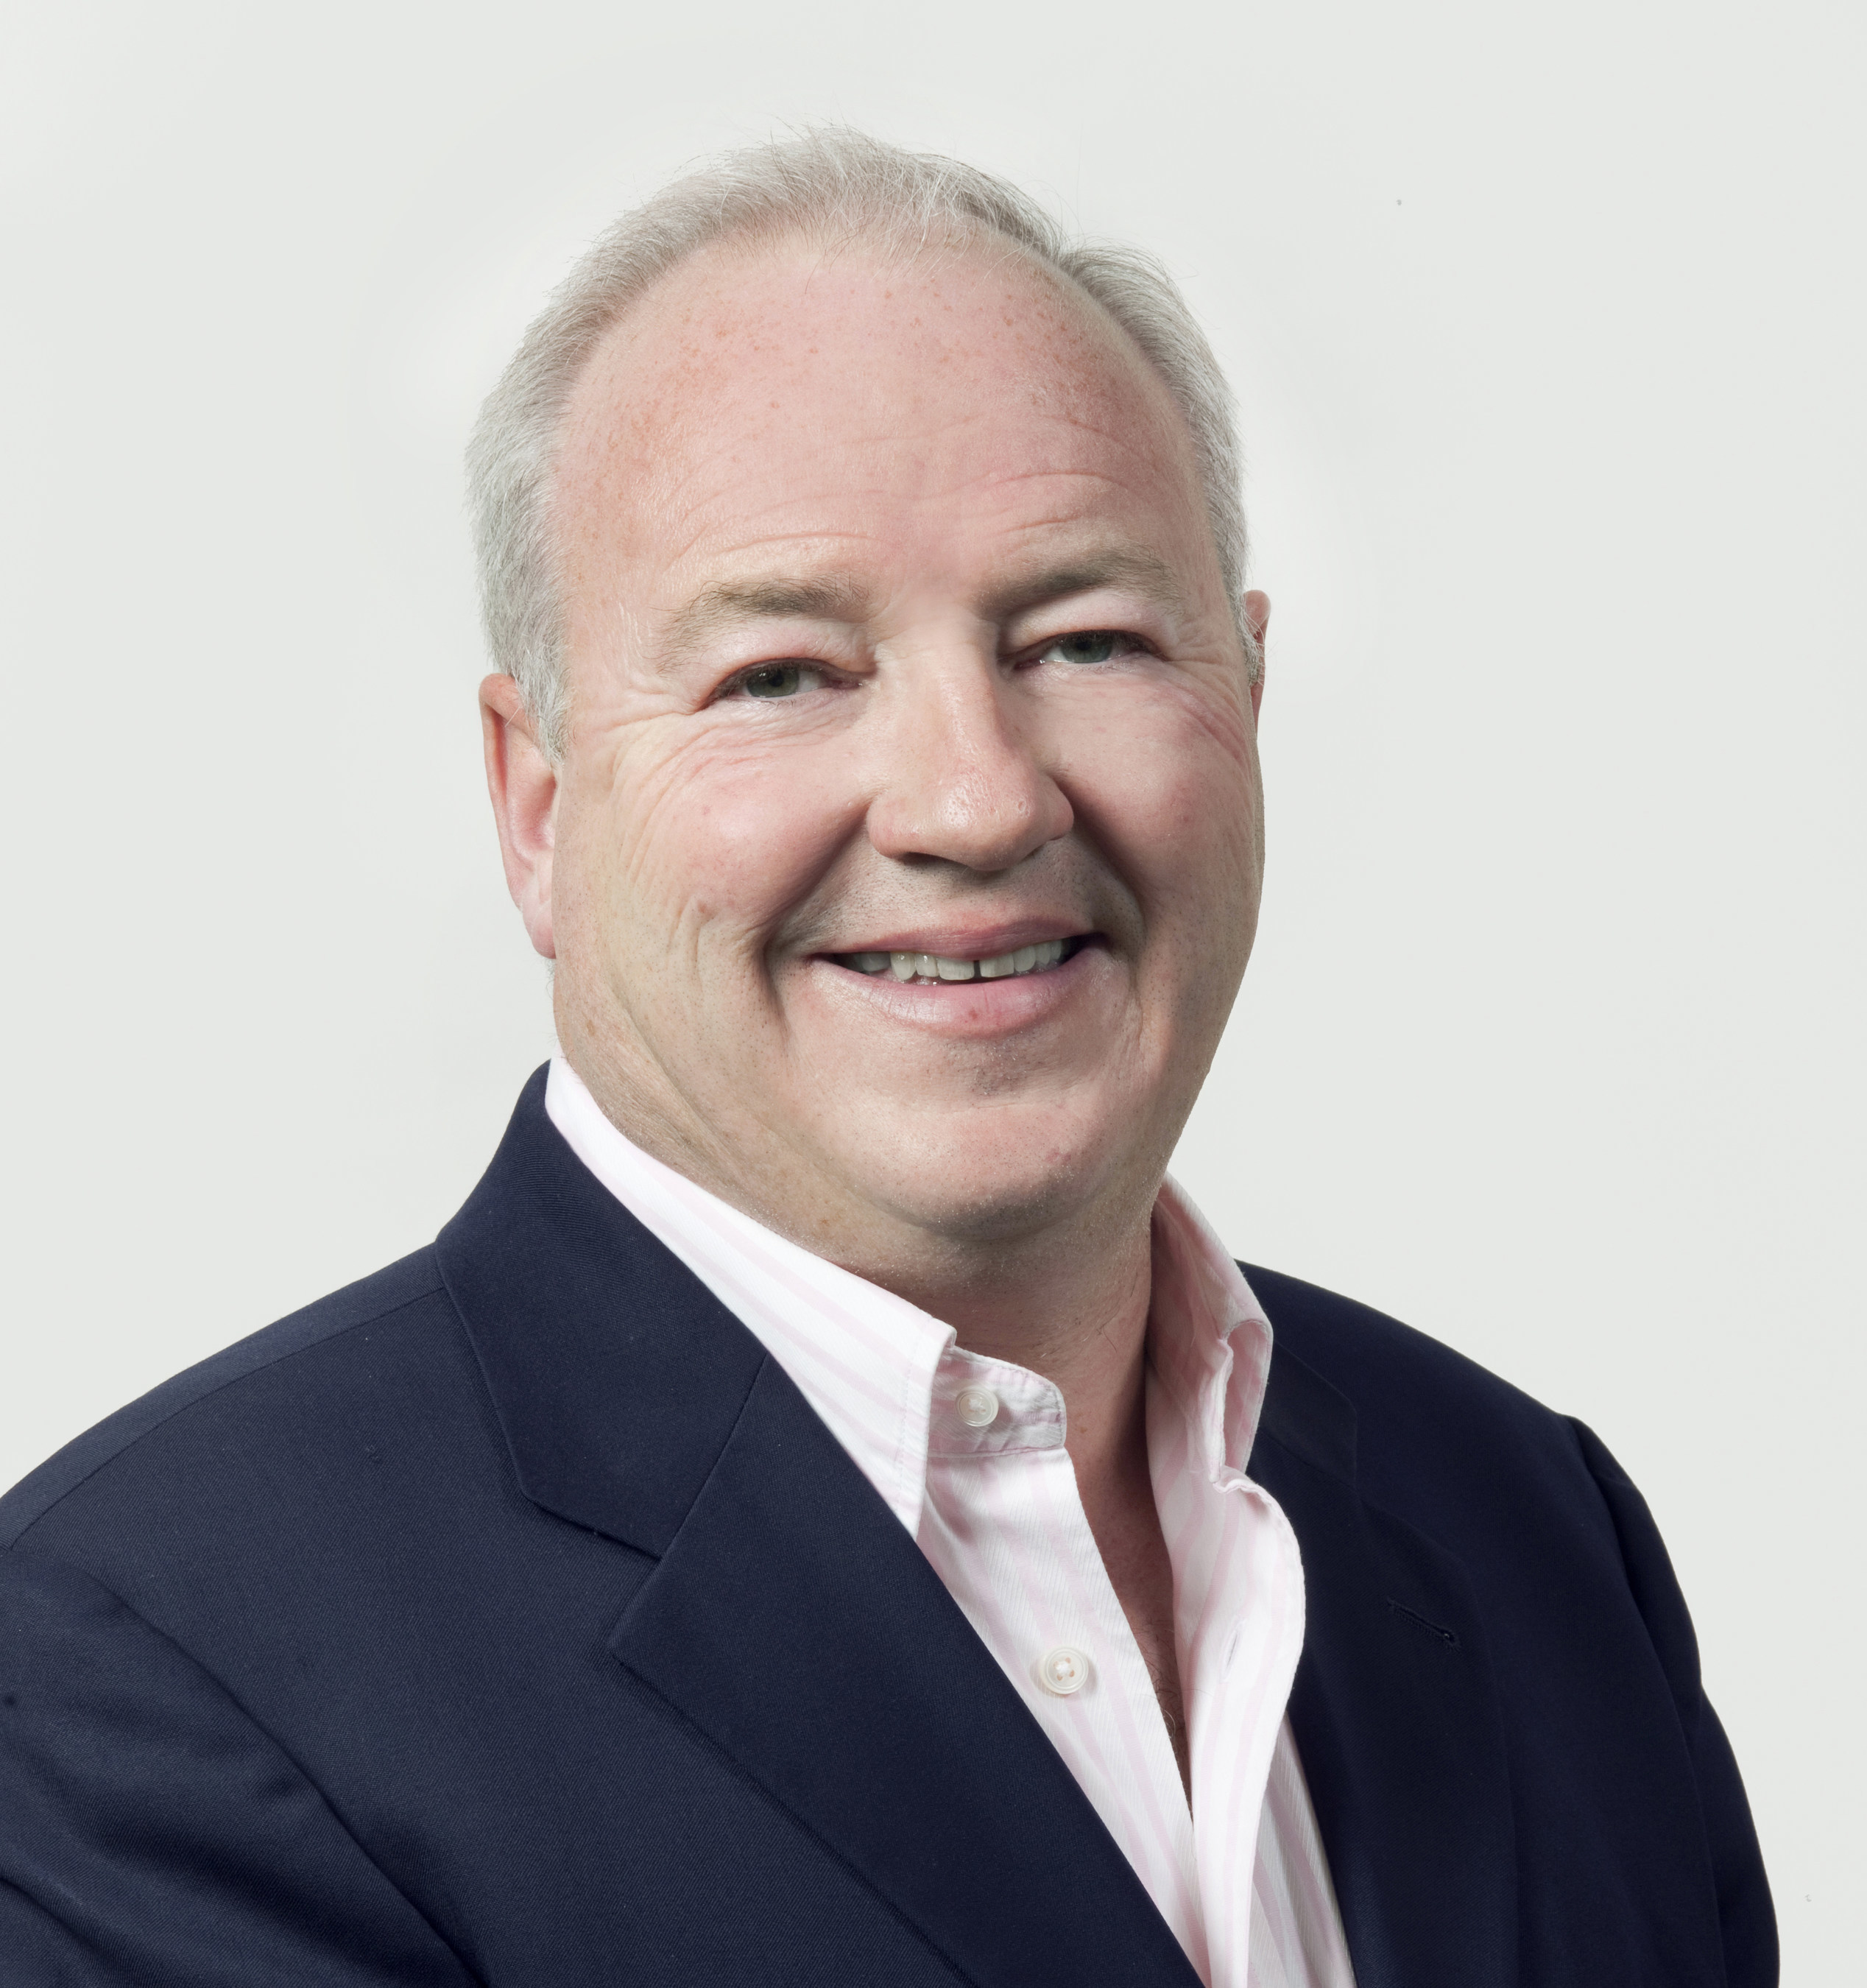 Hamilton Underwriting Limited CEO Dermot O'Donohoe